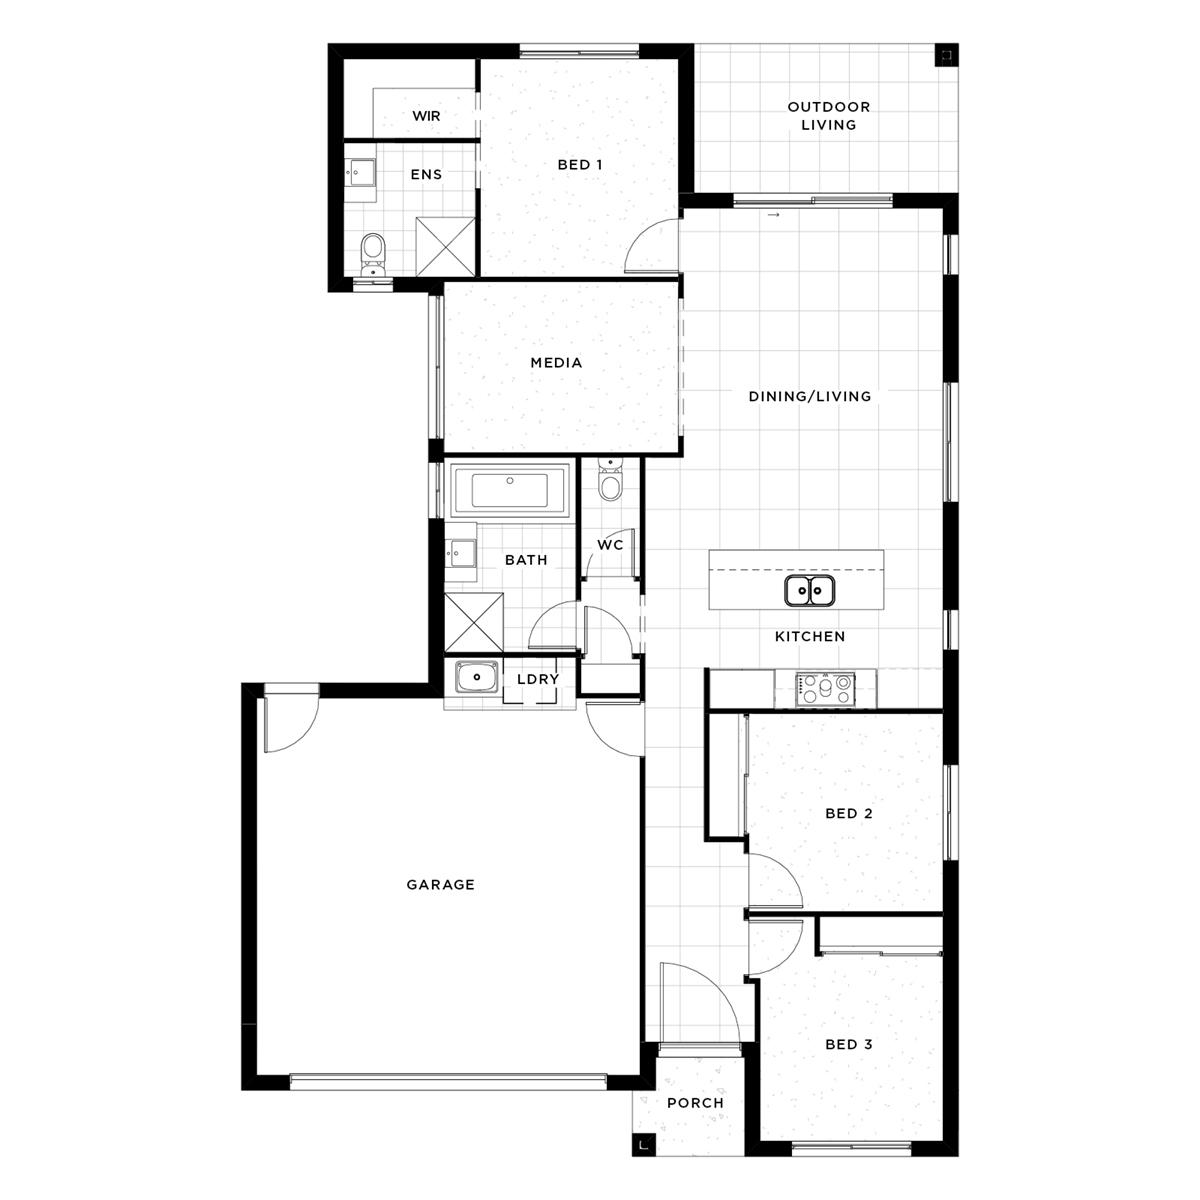 UL House Plans_Fairmont 17